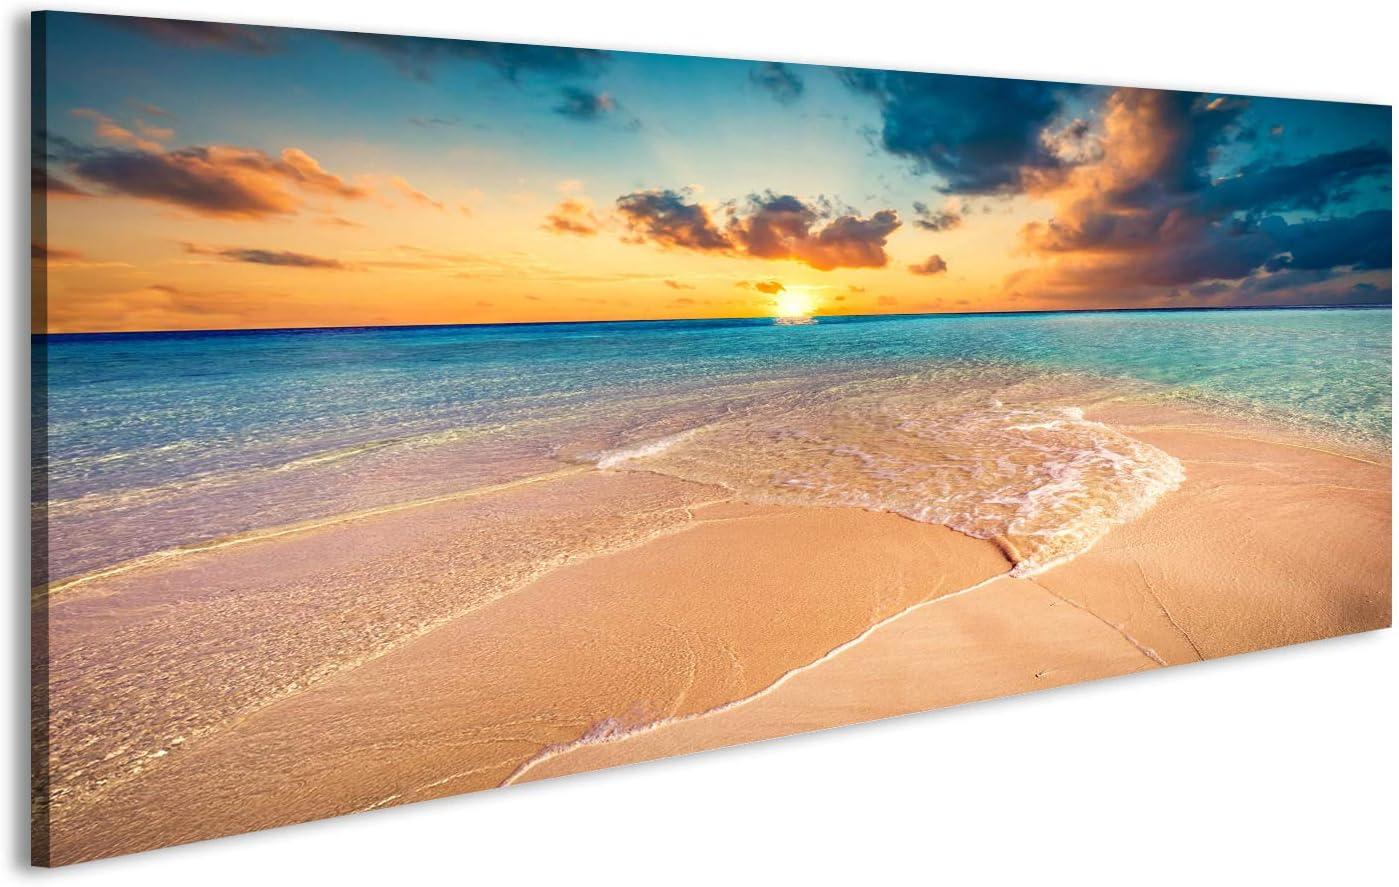 islandburner Cuadro Cuadros Playa Tropical con Arena Blanca y mar Turquesa Claro. ins Maldivas Impresión sobre Lienzo - Formato Grande - Cuadros Modernos DVX